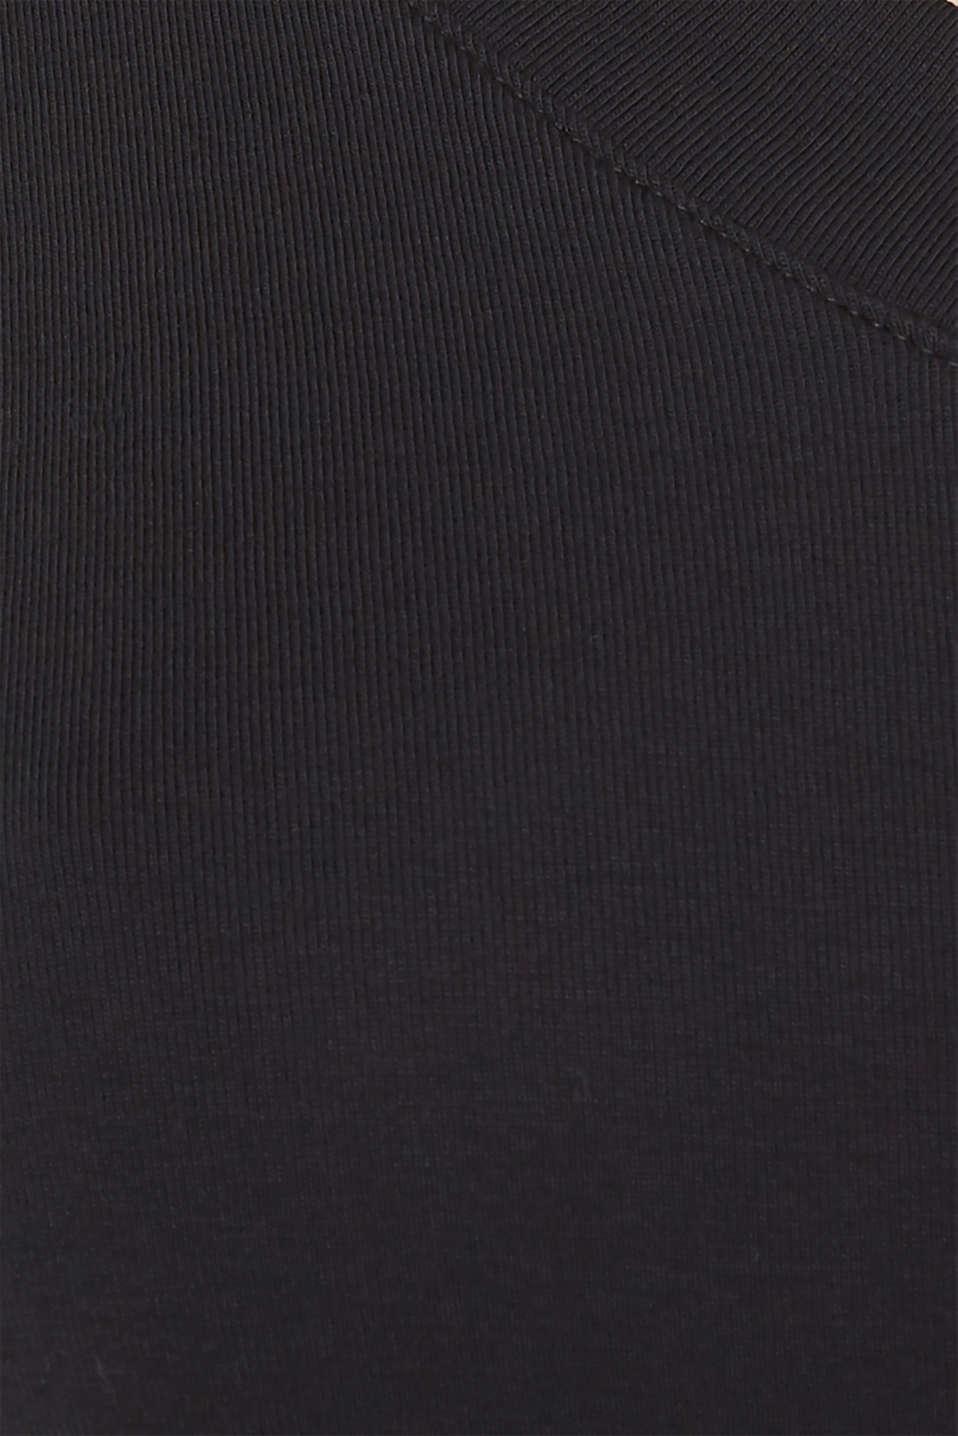 Shirt with a V-neckline, 100% cotton, BLACK, detail image number 4